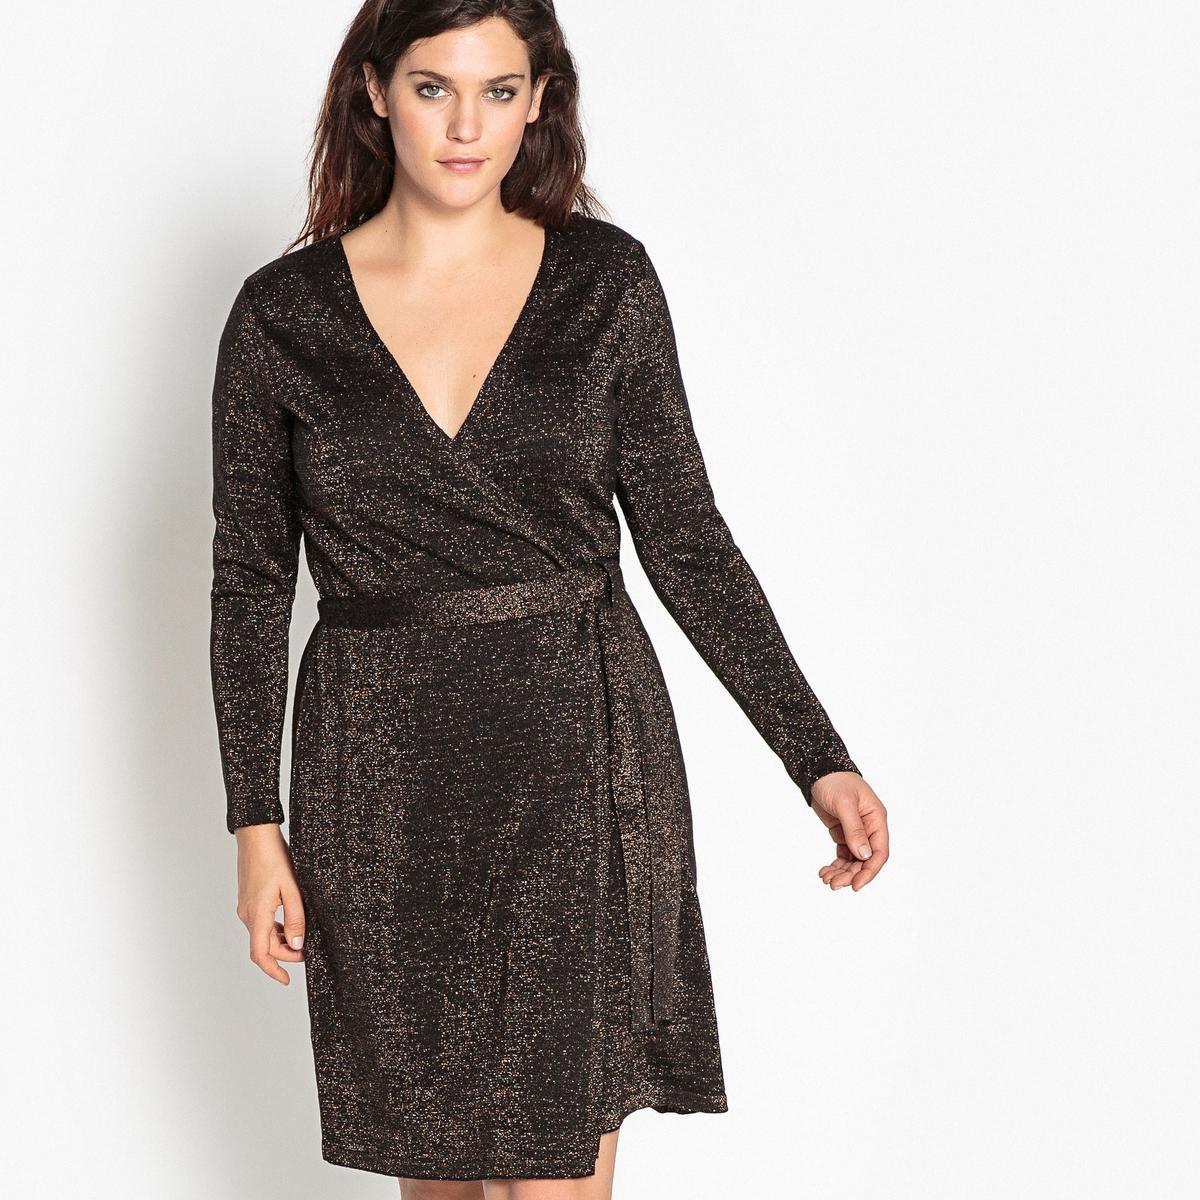 Платье с запахом из трикотажаОписание:Очень элегантное и ультра женственное платье с запахом. Платье с запахом из блестящего трикотажа идеально для вечерних выходов в свет.Детали •  Форма : с запахом  •  Длина до колен •  Длинные рукава    •   V-образный вырезСостав и уход •  84% акрила, 6% металлизированных волокон, 10% полиэстера •  Температура стирки при 30° на деликатном режиме   • Низкая температура глажки / не отбеливать   •  Не использовать барабанную сушку   • Сухая чистка запрещенаТовар из коллекции больших размеров •  Длина : 102 см<br><br>Цвет: черный/золотистый люрекс<br>Размер: 52 (FR) - 58 (RUS).46 (FR) - 52 (RUS).48 (FR) - 54 (RUS)